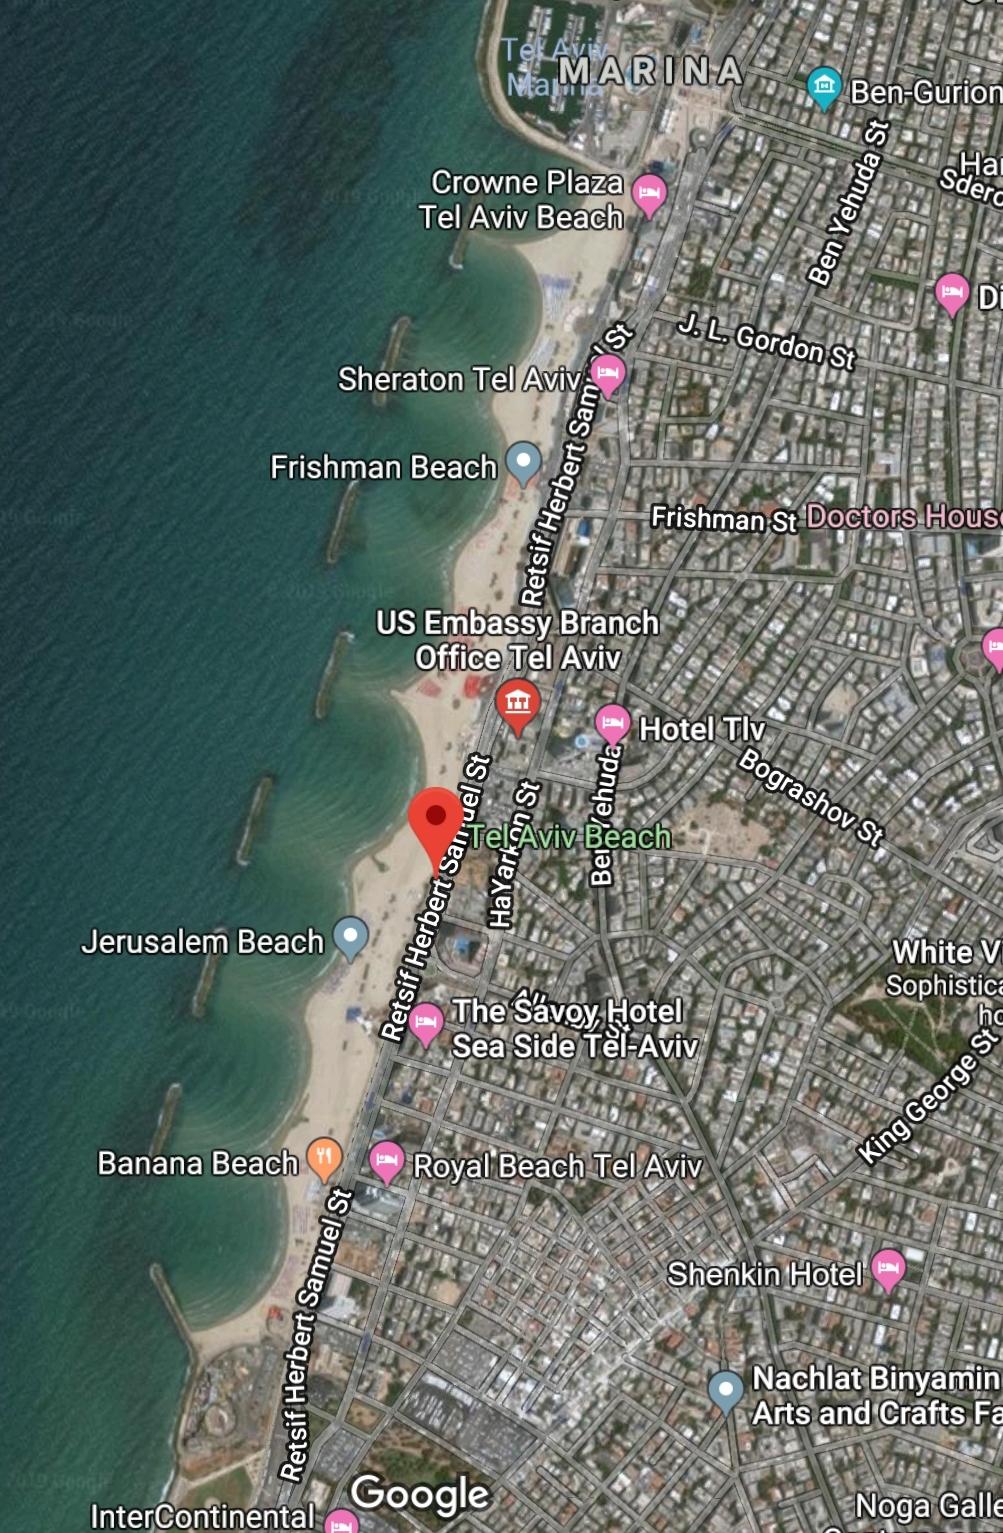 Tel Aviv Beach Map